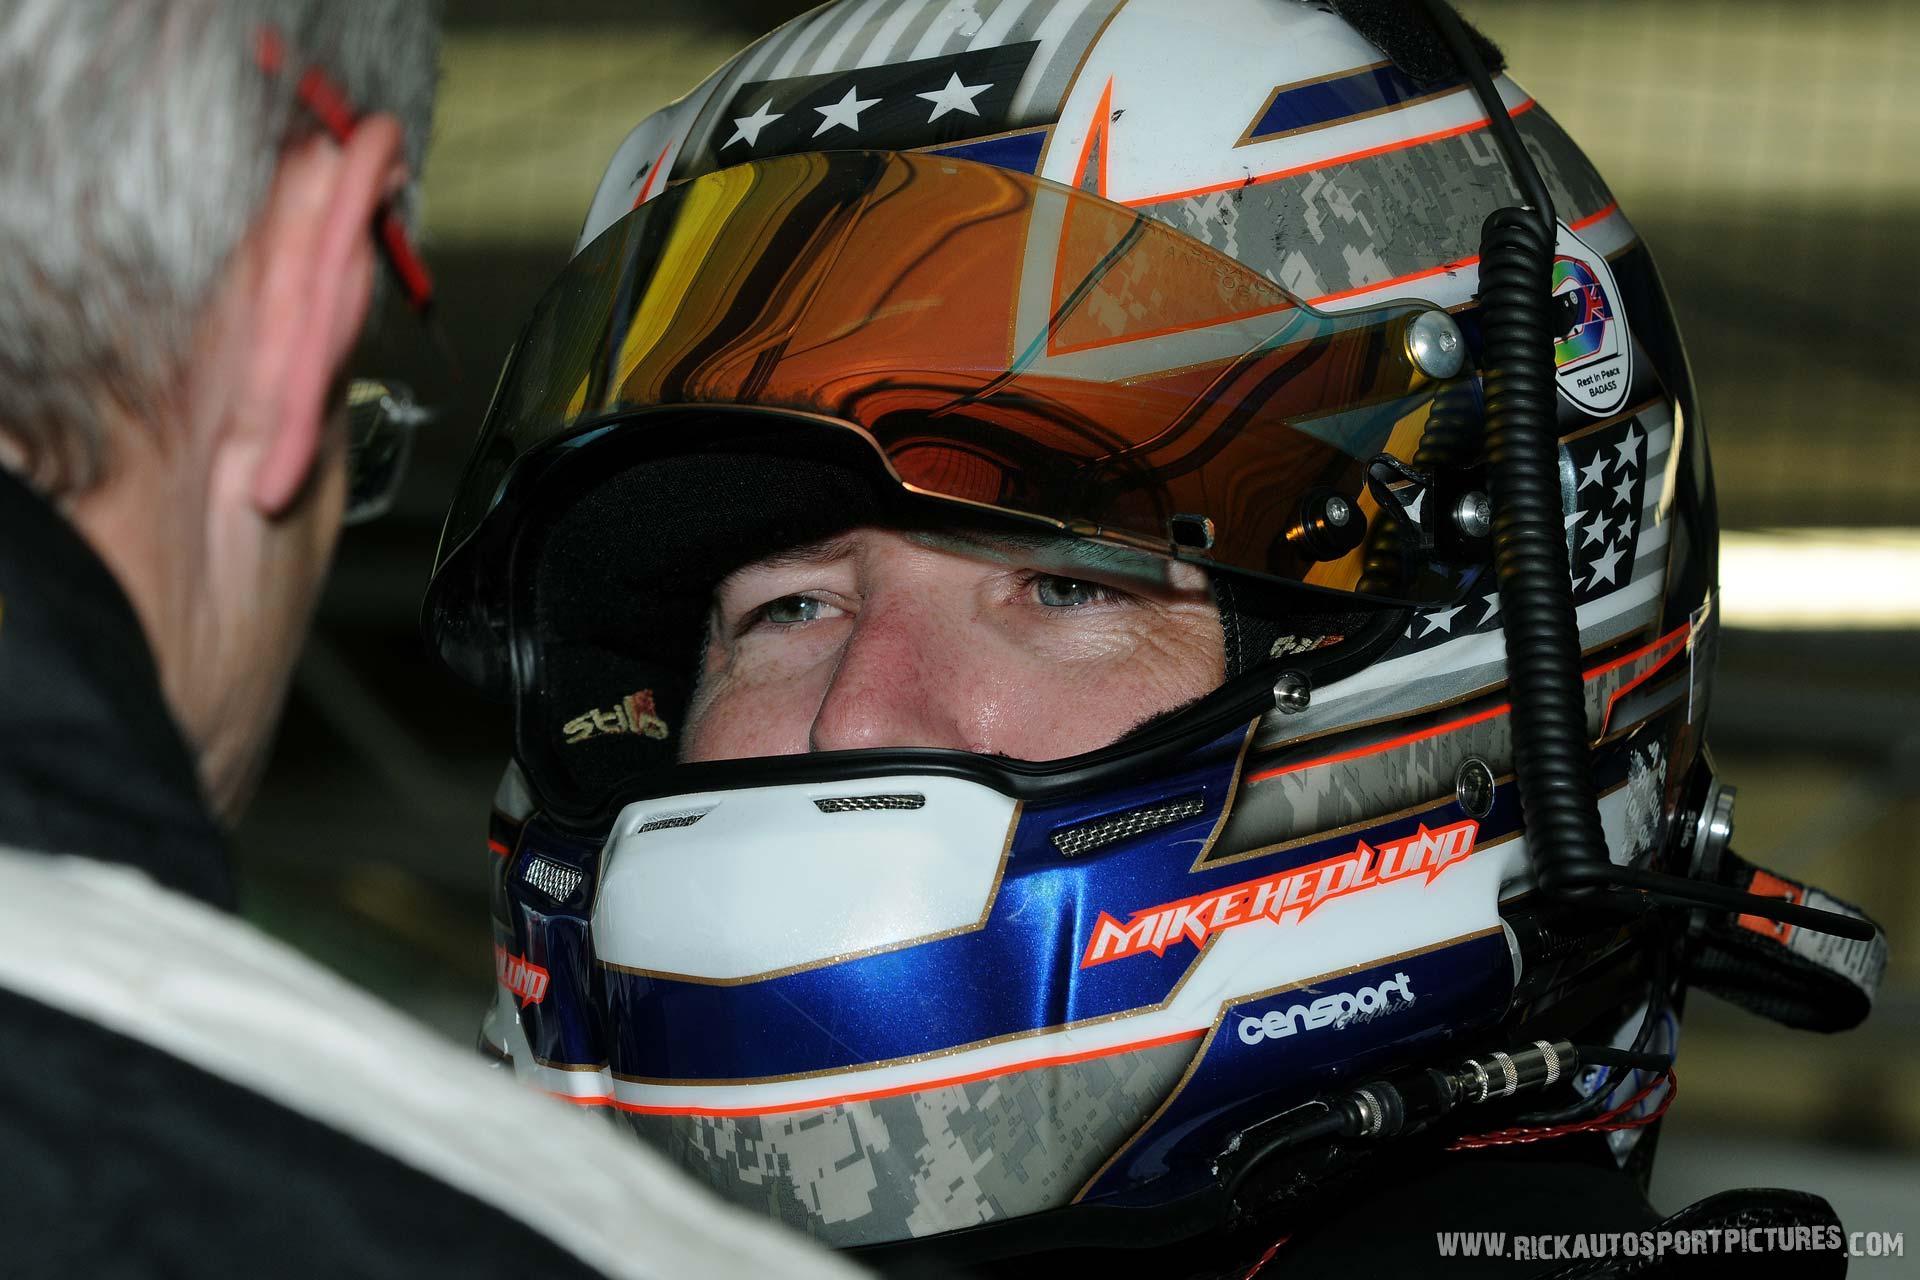 Mike Hedlund Silverstone 2016